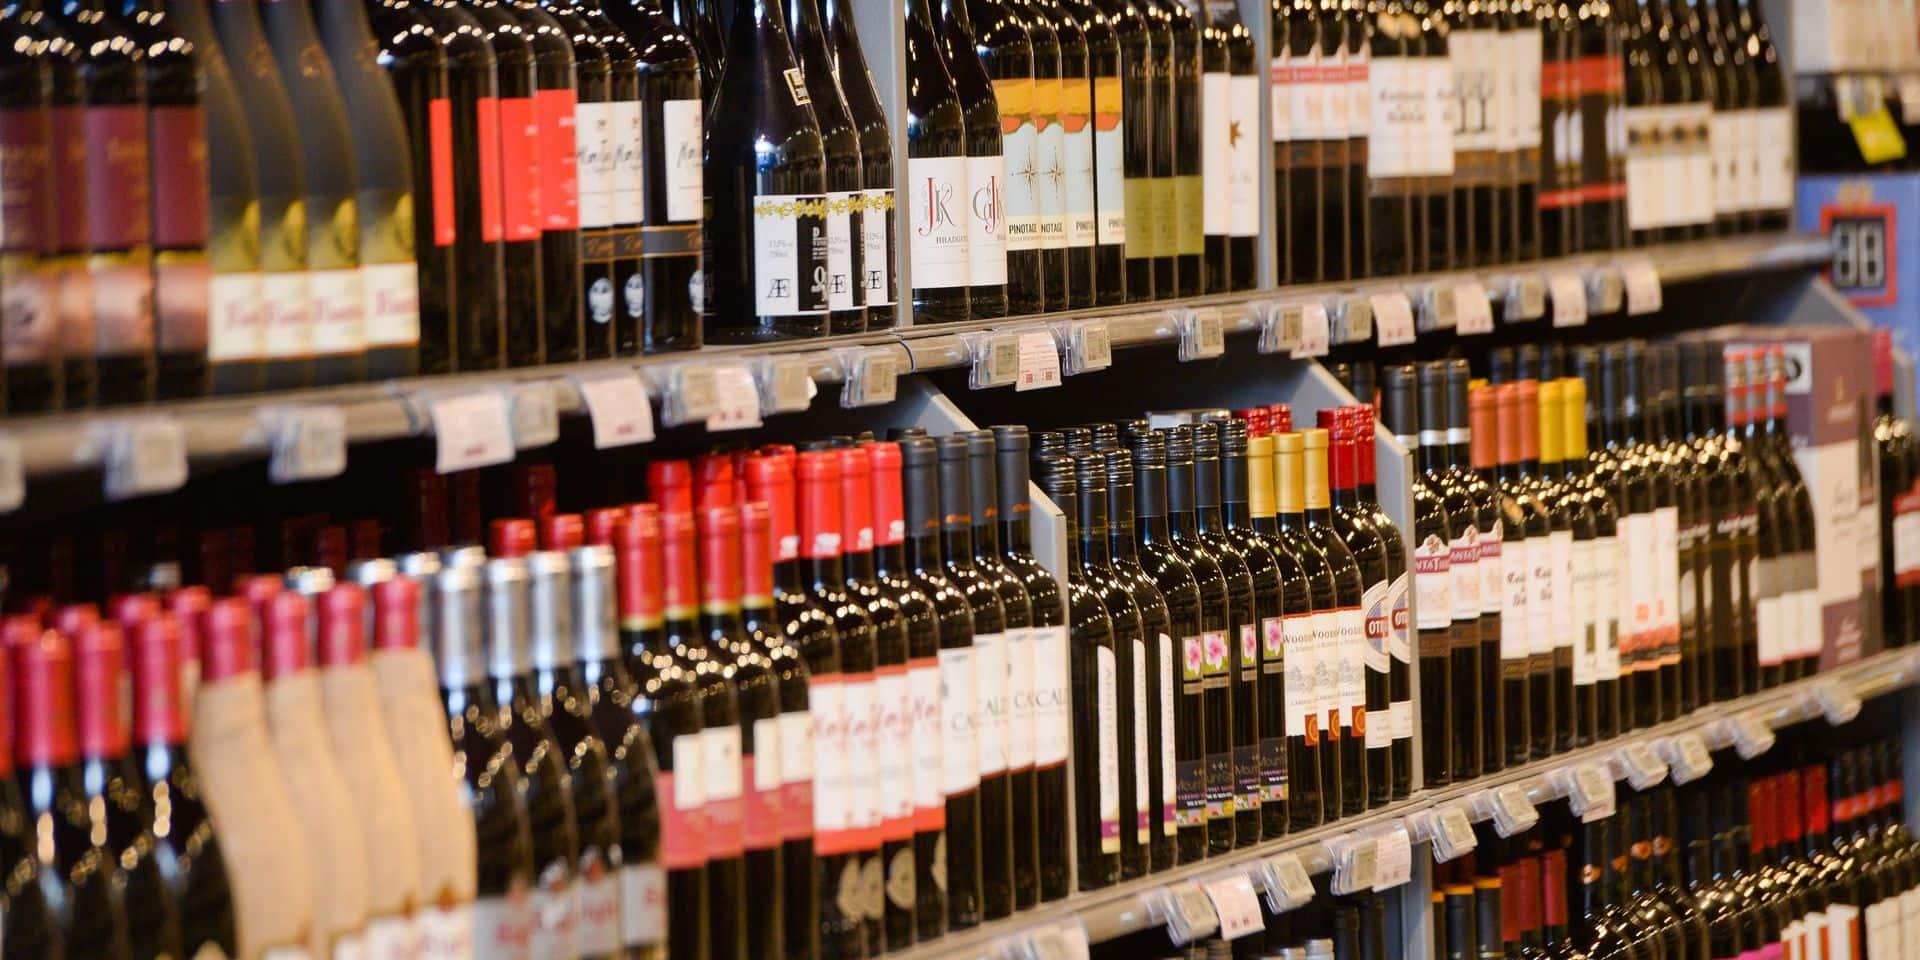 """Les Belges adorent toujours le vin. Le Belge est amateur de vin et compte le rester, selon une enquête menée par le groupe Delhaize.... Rouge d'abord, blanc ensuite, et rosé l'été. C'est sûr, on va discuter de vins dans les semaines qui viennent. Car à l'instar du Beaujolais qui """"renaît"""" chaque mois de novembre, les Foires aux vins sont de retour avec la rentrée."""